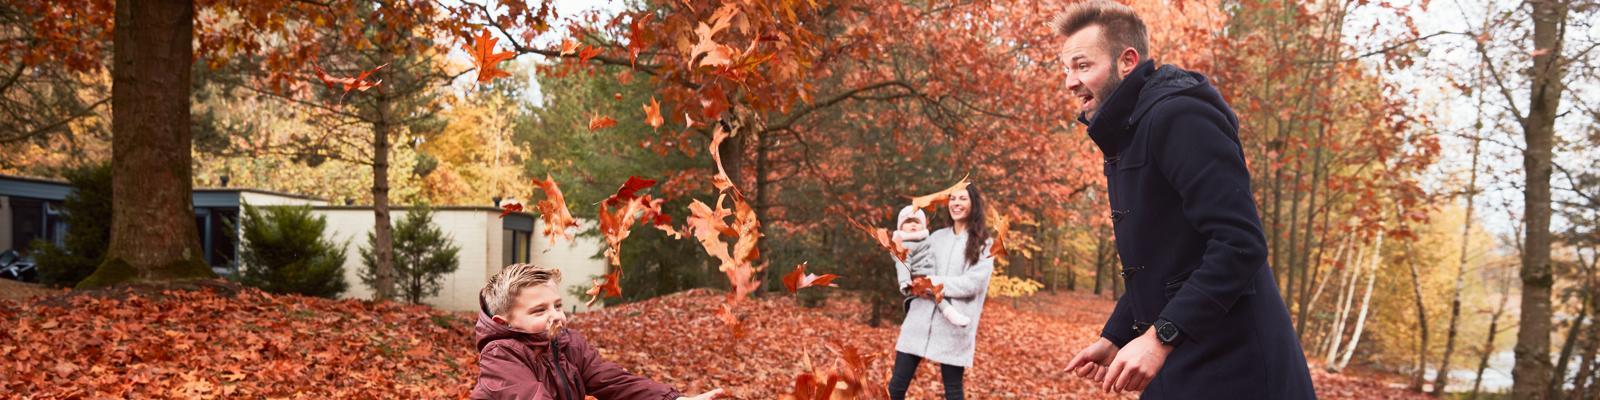 Najaar familie bladeren